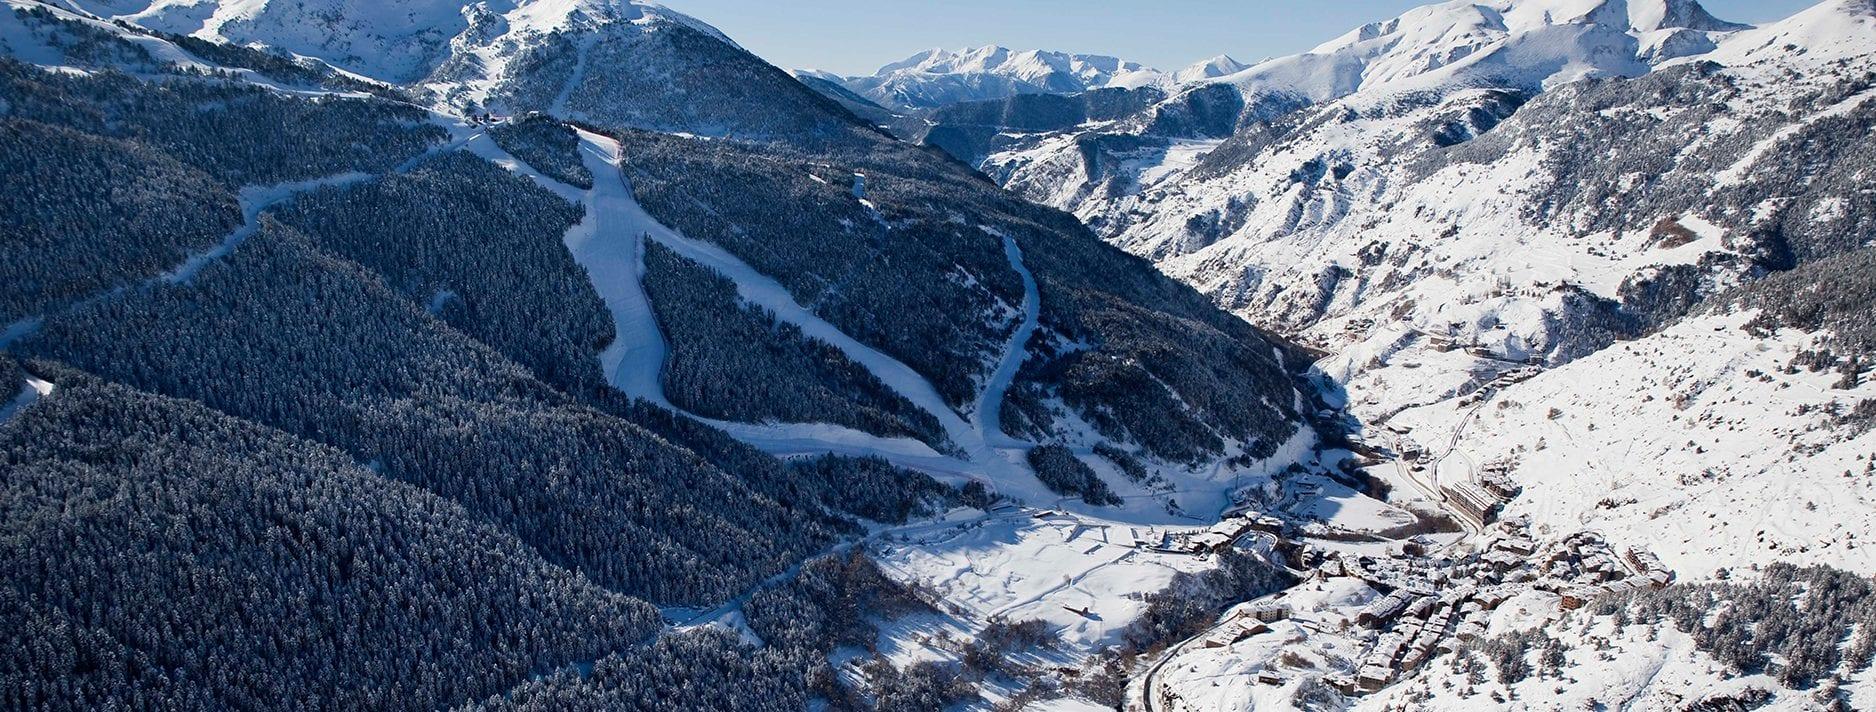 El Tarter   Andorra   Winter Ski